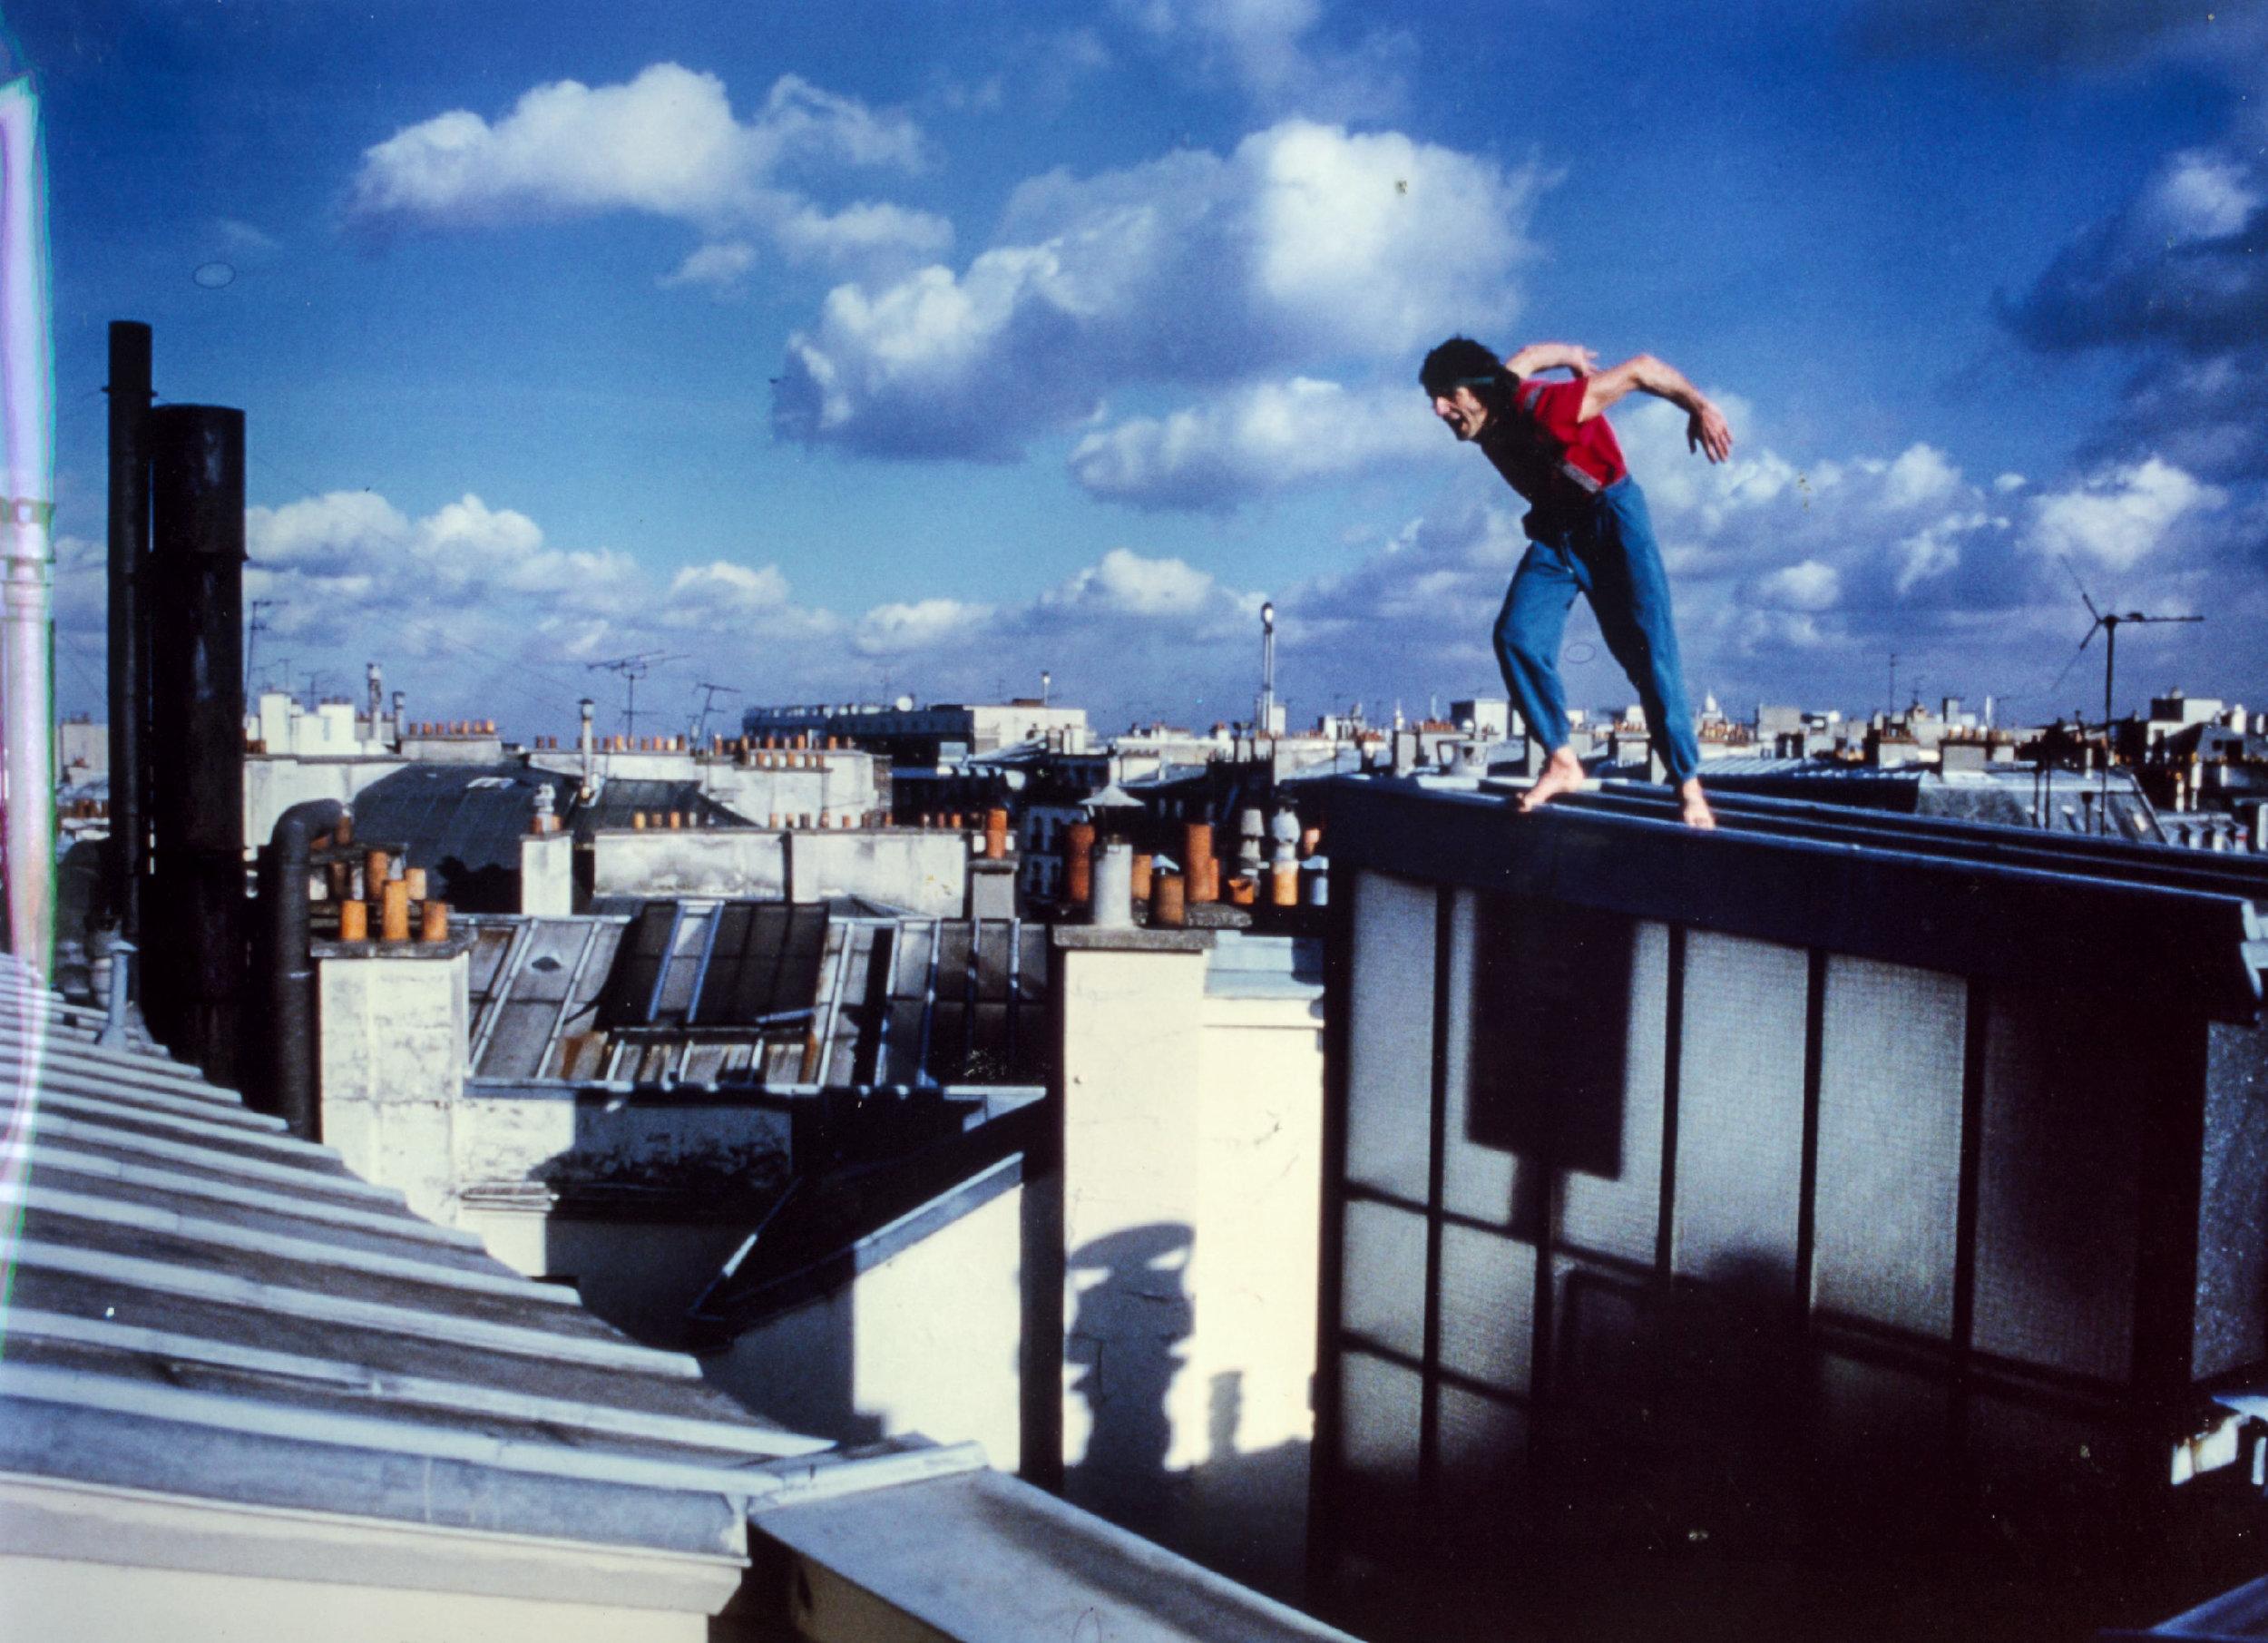 Paris, in the 80